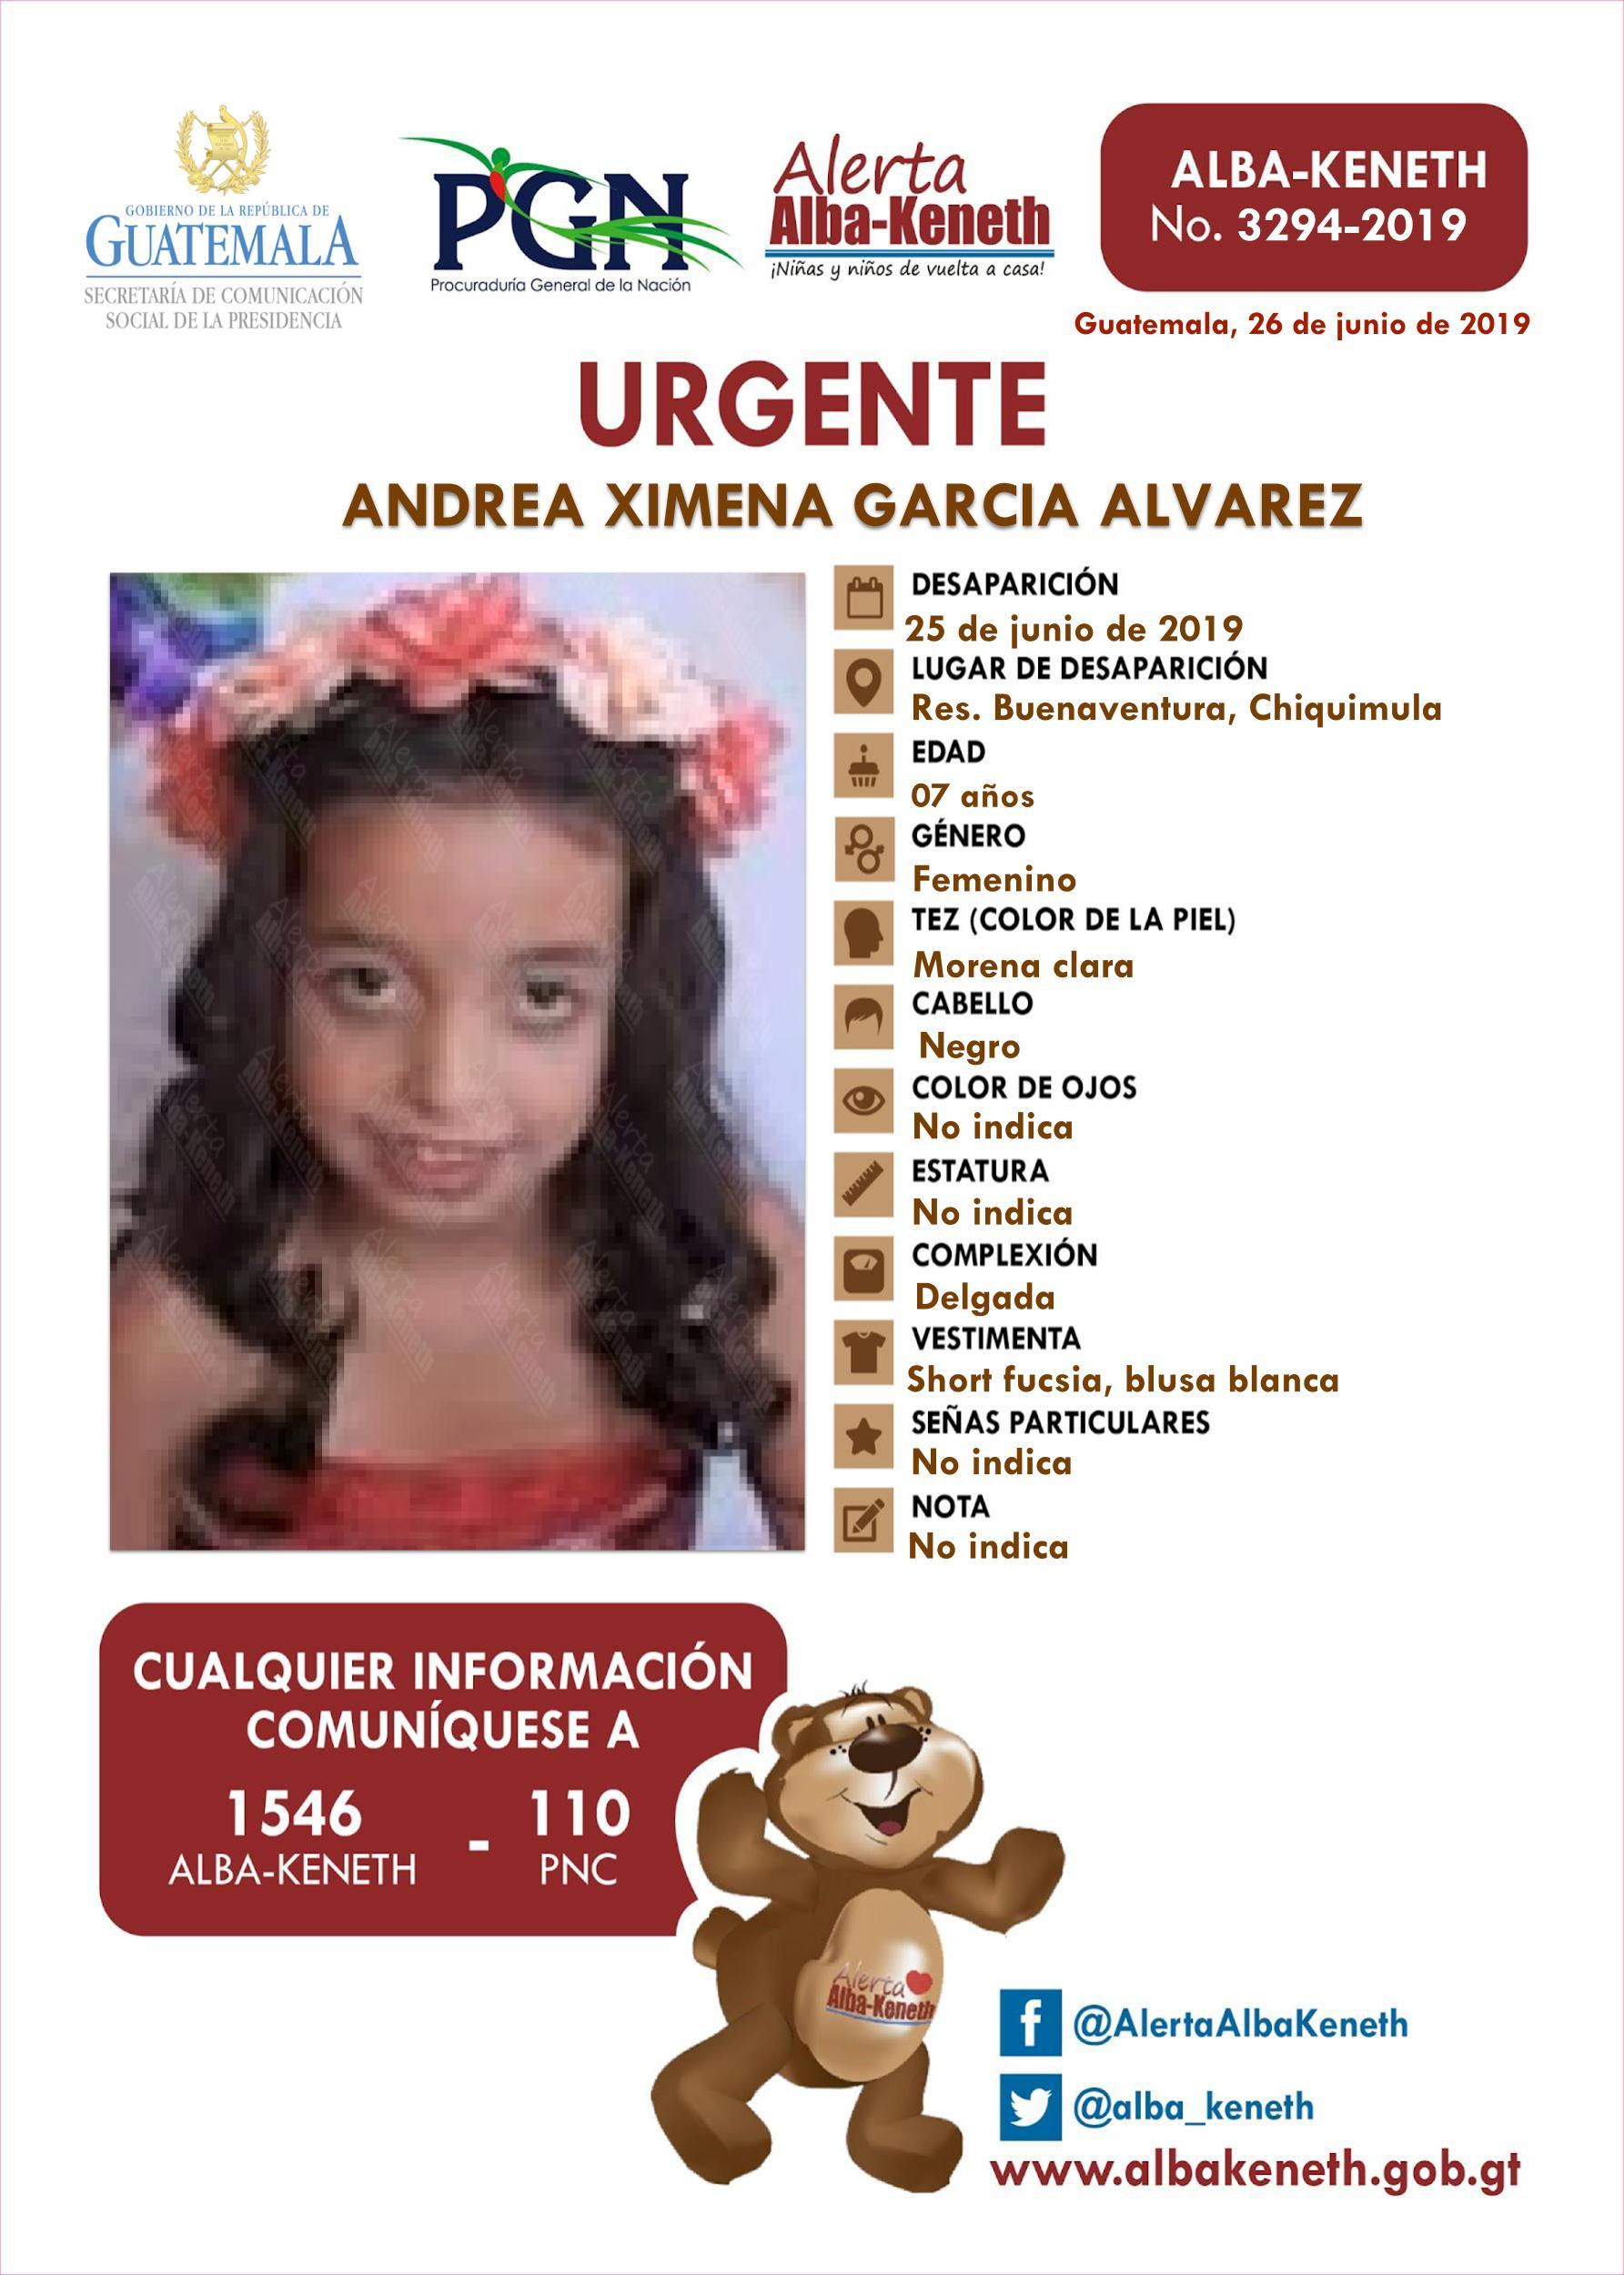 Andrea Ximena Garcia Alvarez